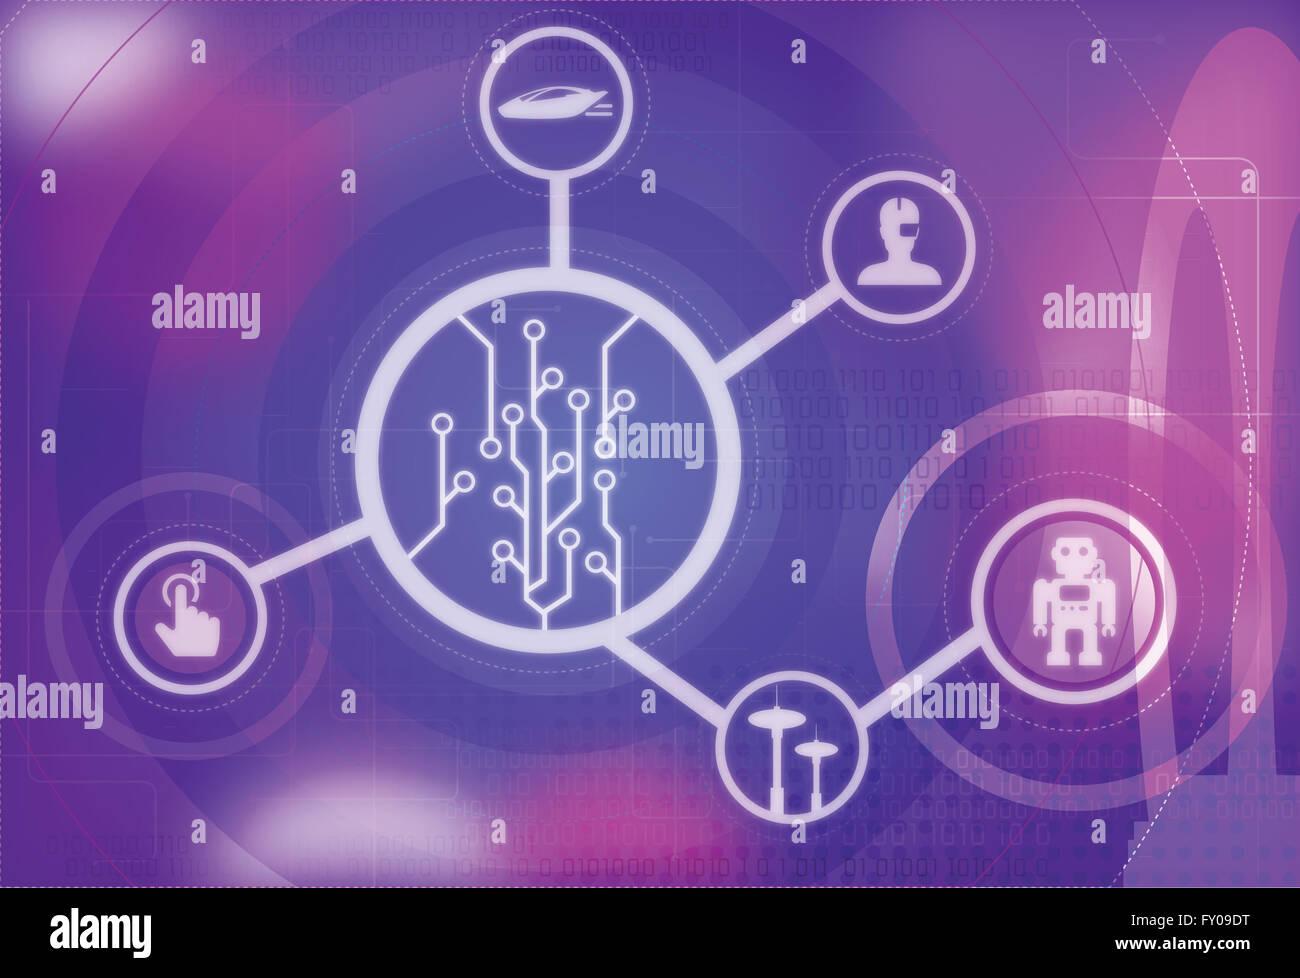 Image d'illustration de la technologie de pointe et futuriste robot intelligent artificiel Banque D'Images